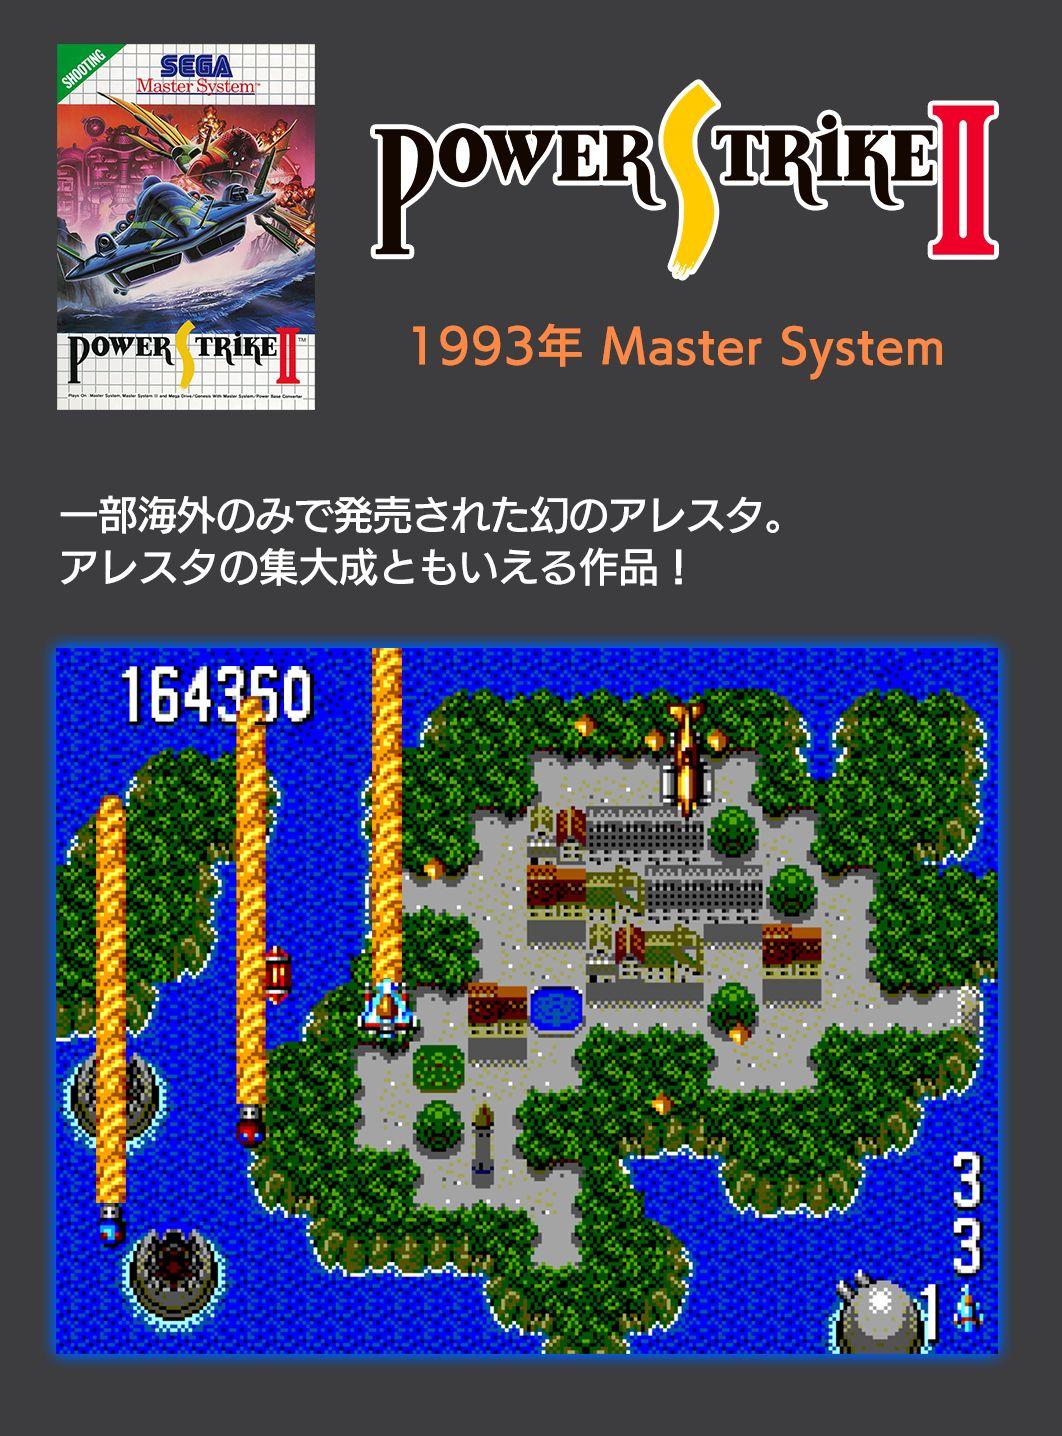 マスターシステム版「POWER STRIKE II」は一部海外のみで発売された幻のアレスタで、アレスタの集大成ともいえる作品